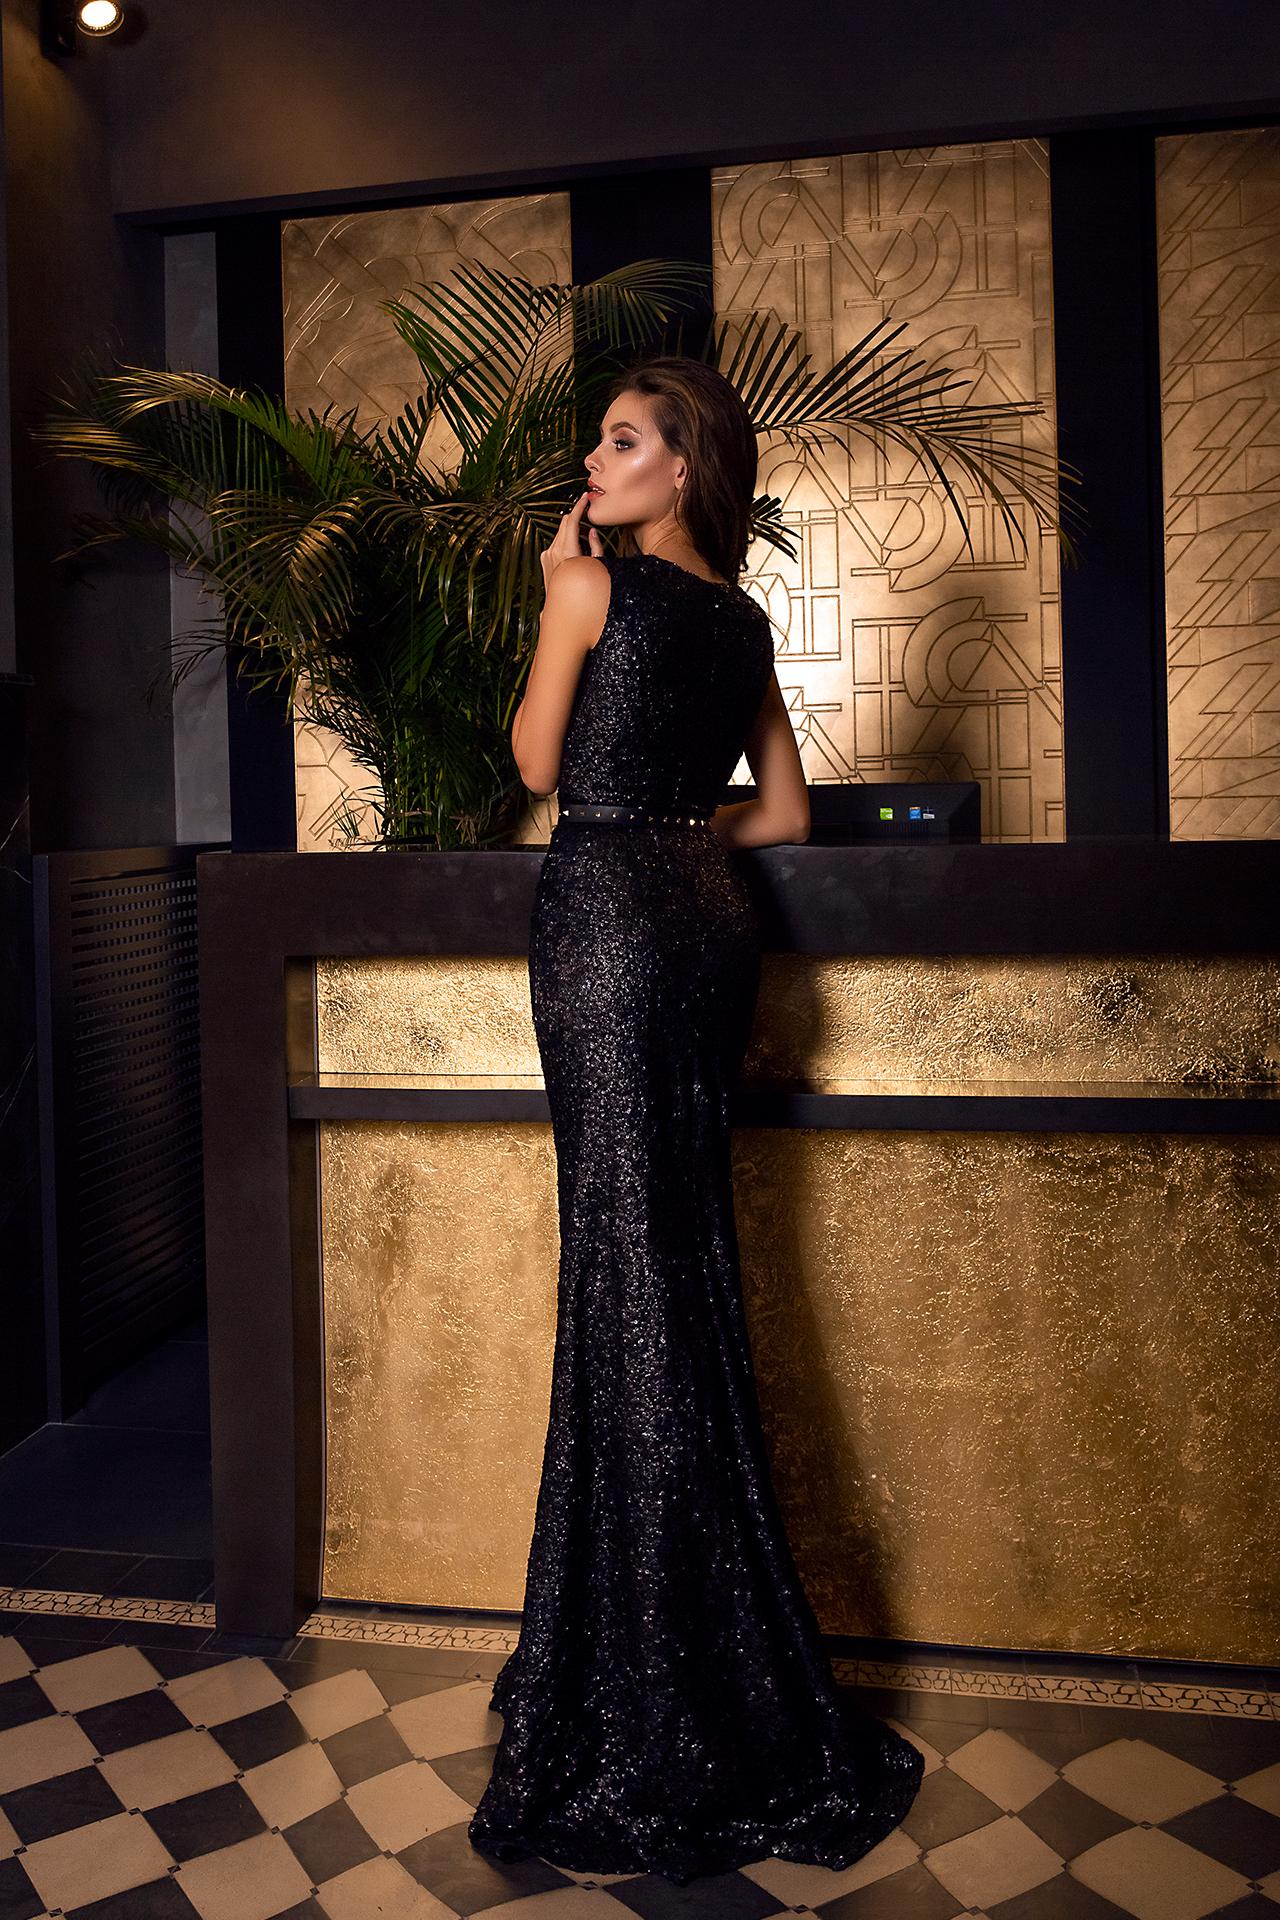 Sukienki Wieczorowe 1474 Sylwetka  Dopasowana sukienka   Kolor  Black  Dekolt  Portret (dekolt w serek)  Rękawy  Szerokie ramiączka  Flex  Bez trenu - foto 3